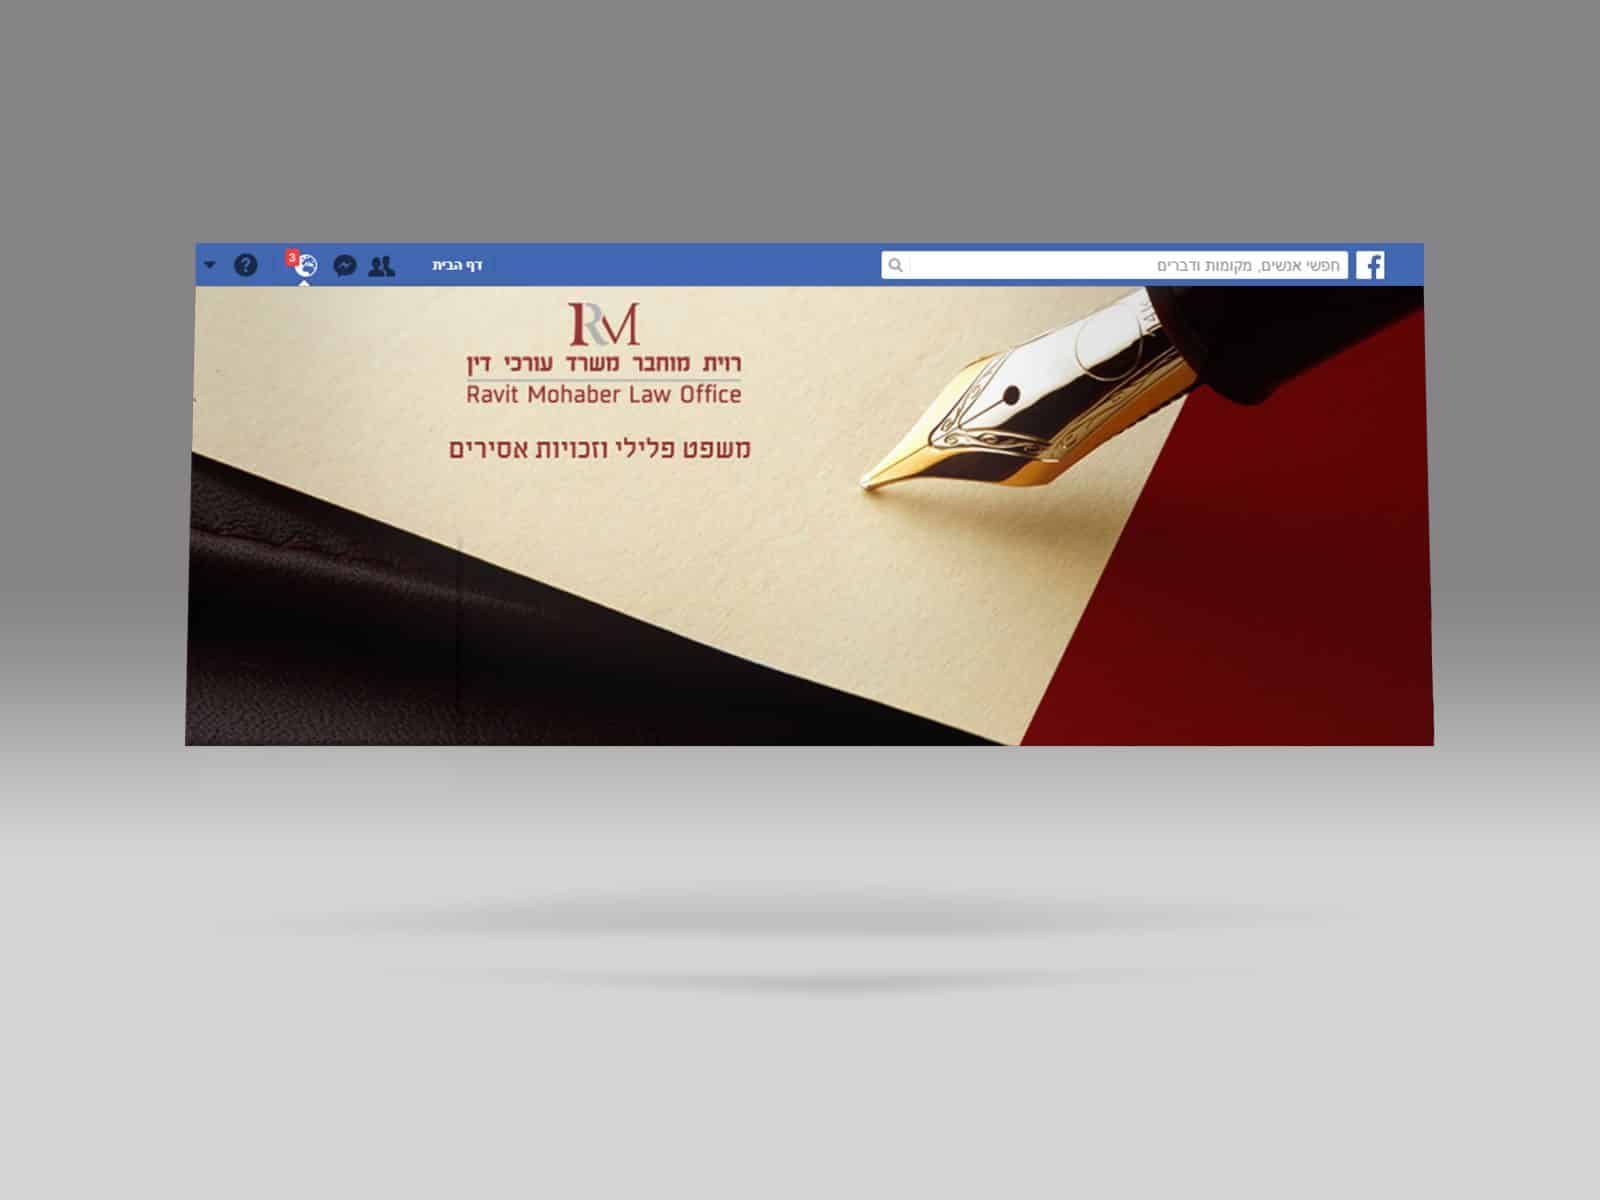 מיתוג לפייסבוק לעורכת דין